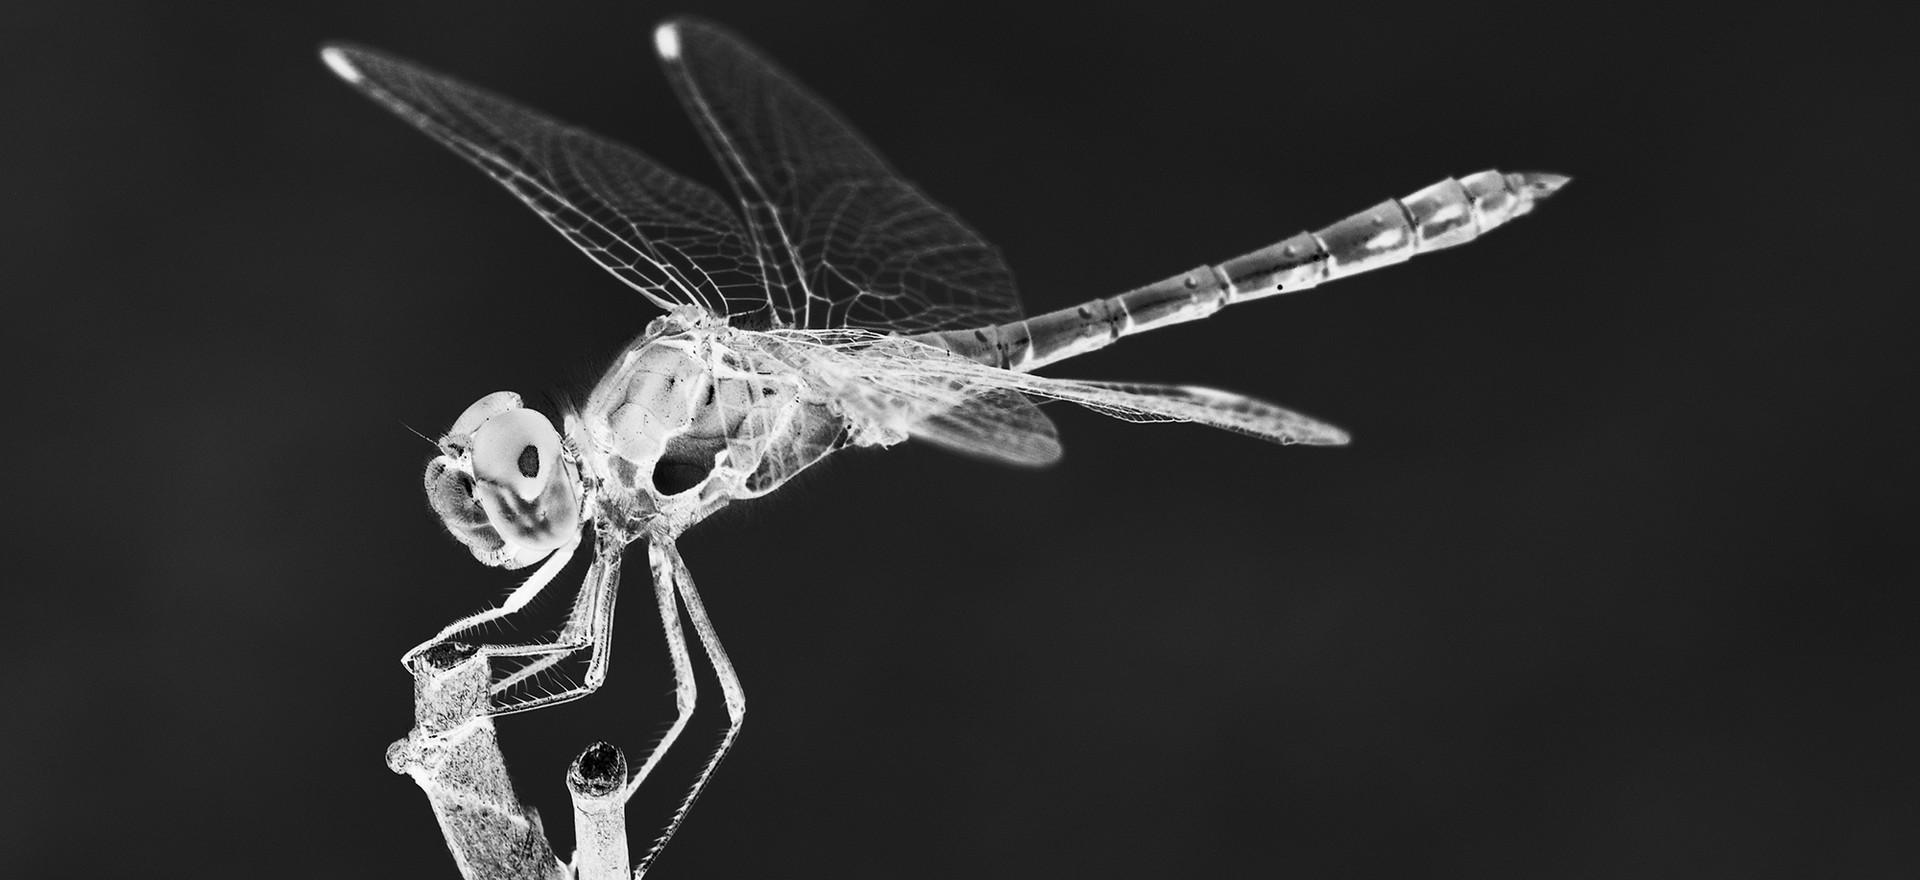 Röntgenfoto libelle